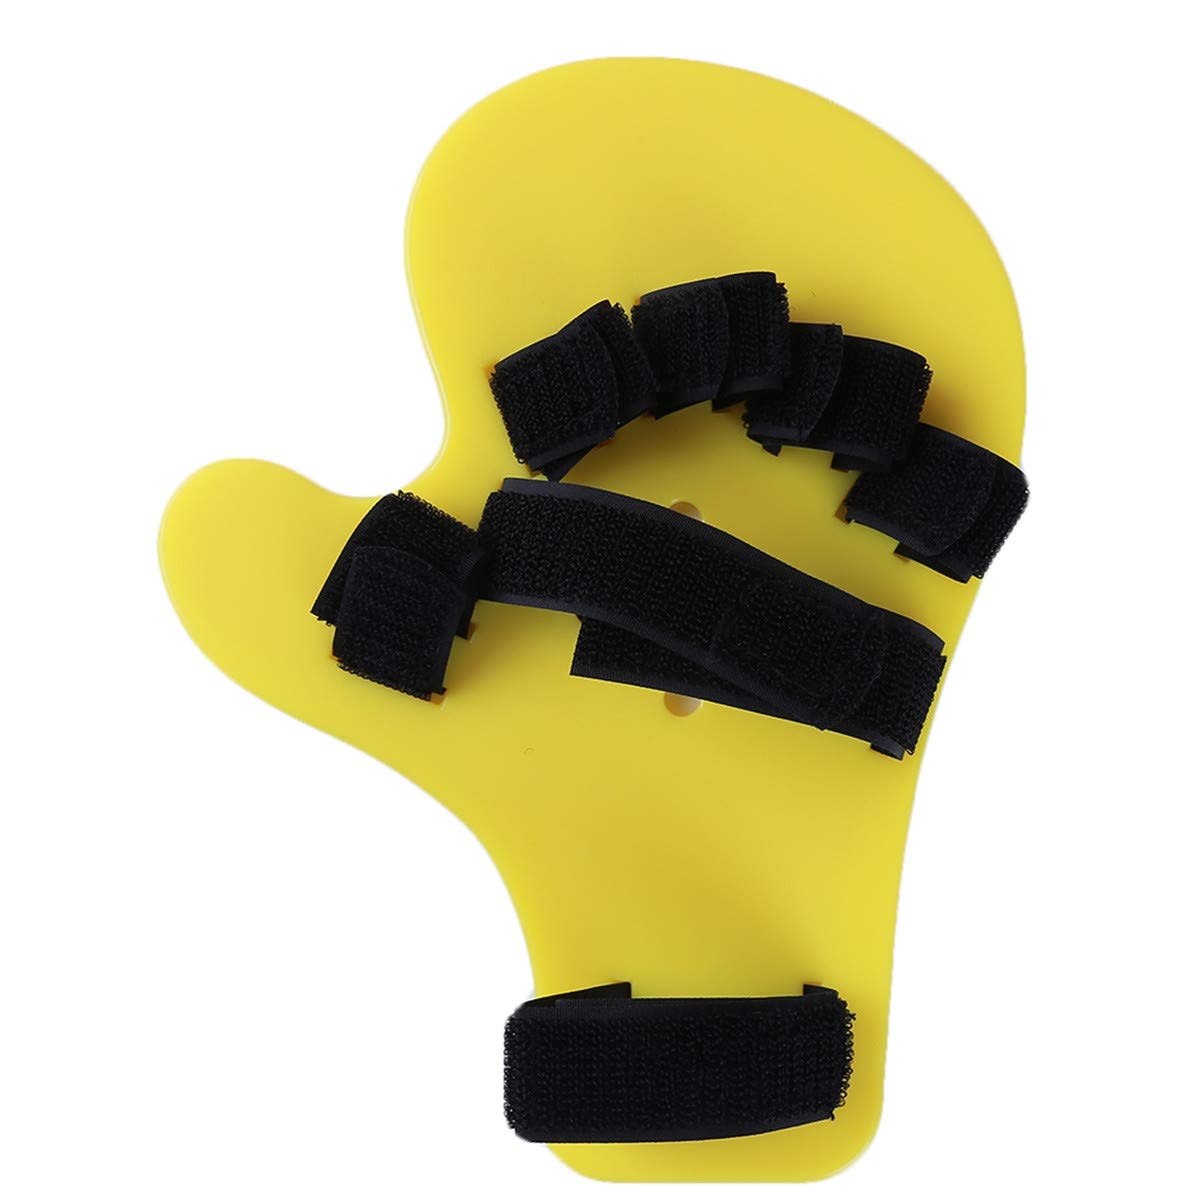 Winwinfly Hand Handgelenk Orthese Getrennt Finger Flex Spasm Karte Erweiterung Splint Für Männer Frauen